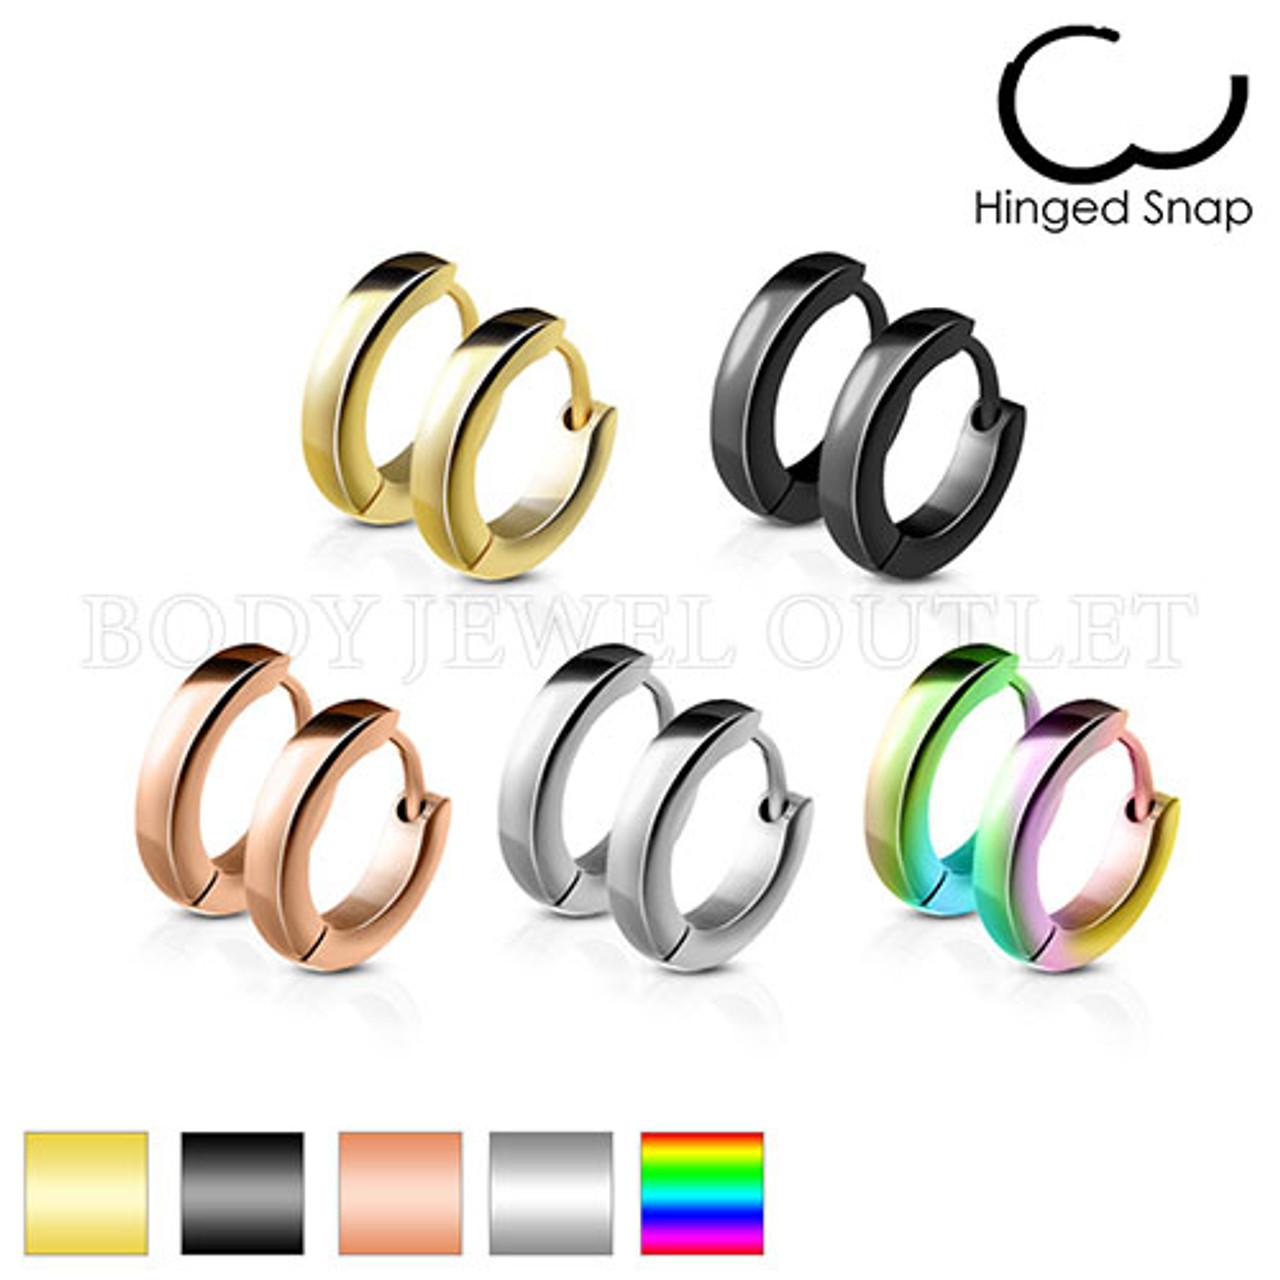 Rose Gold IP 2.5mm Thin Hoop - 316L Stainless Steel Hoop/Huggie Earrings - Pair (2 Pieces)